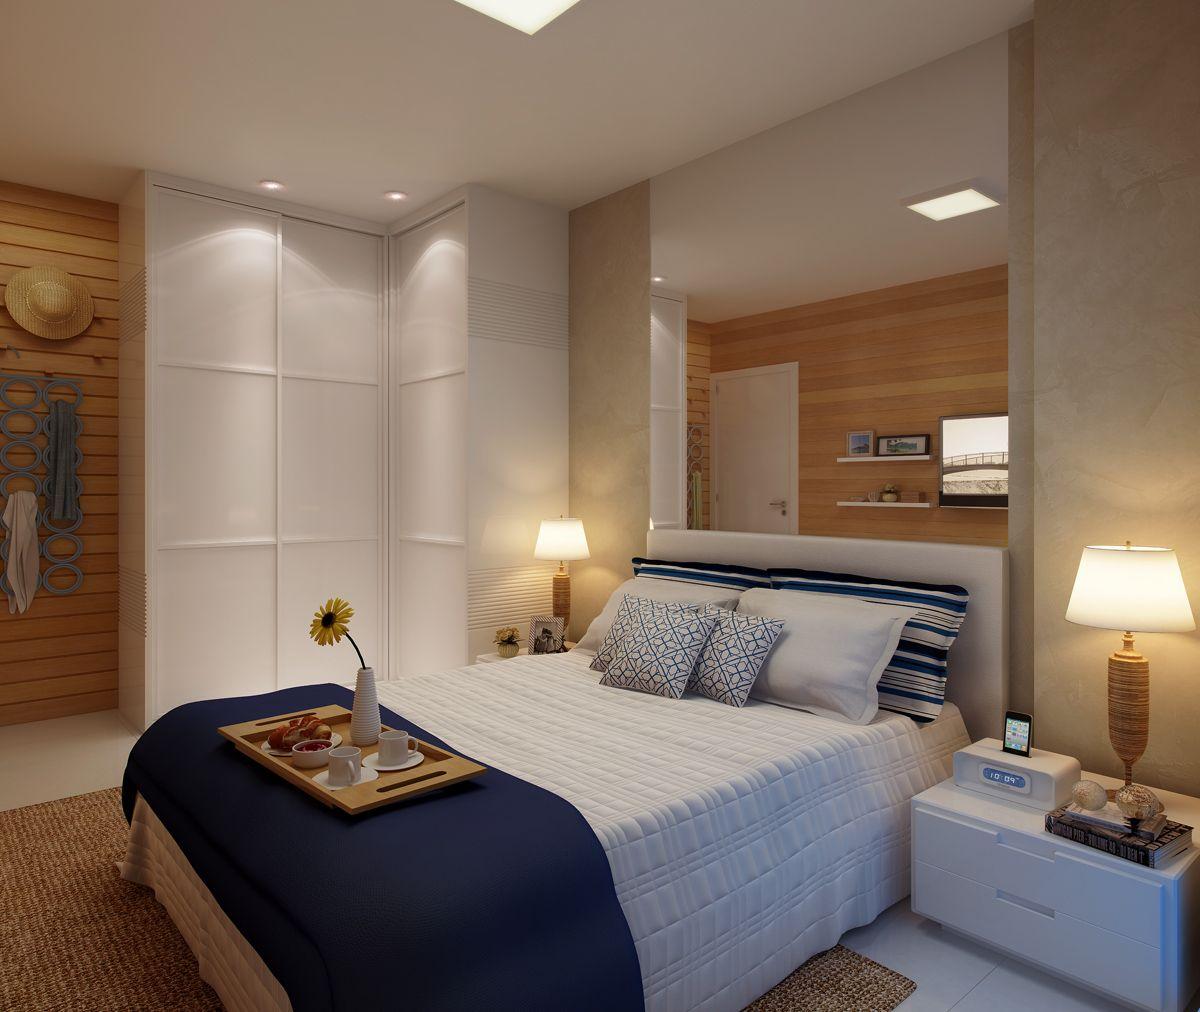 Hausdesign mit zwei schlafzimmern pin von st sch auf schlafzimmerideen  pinterest